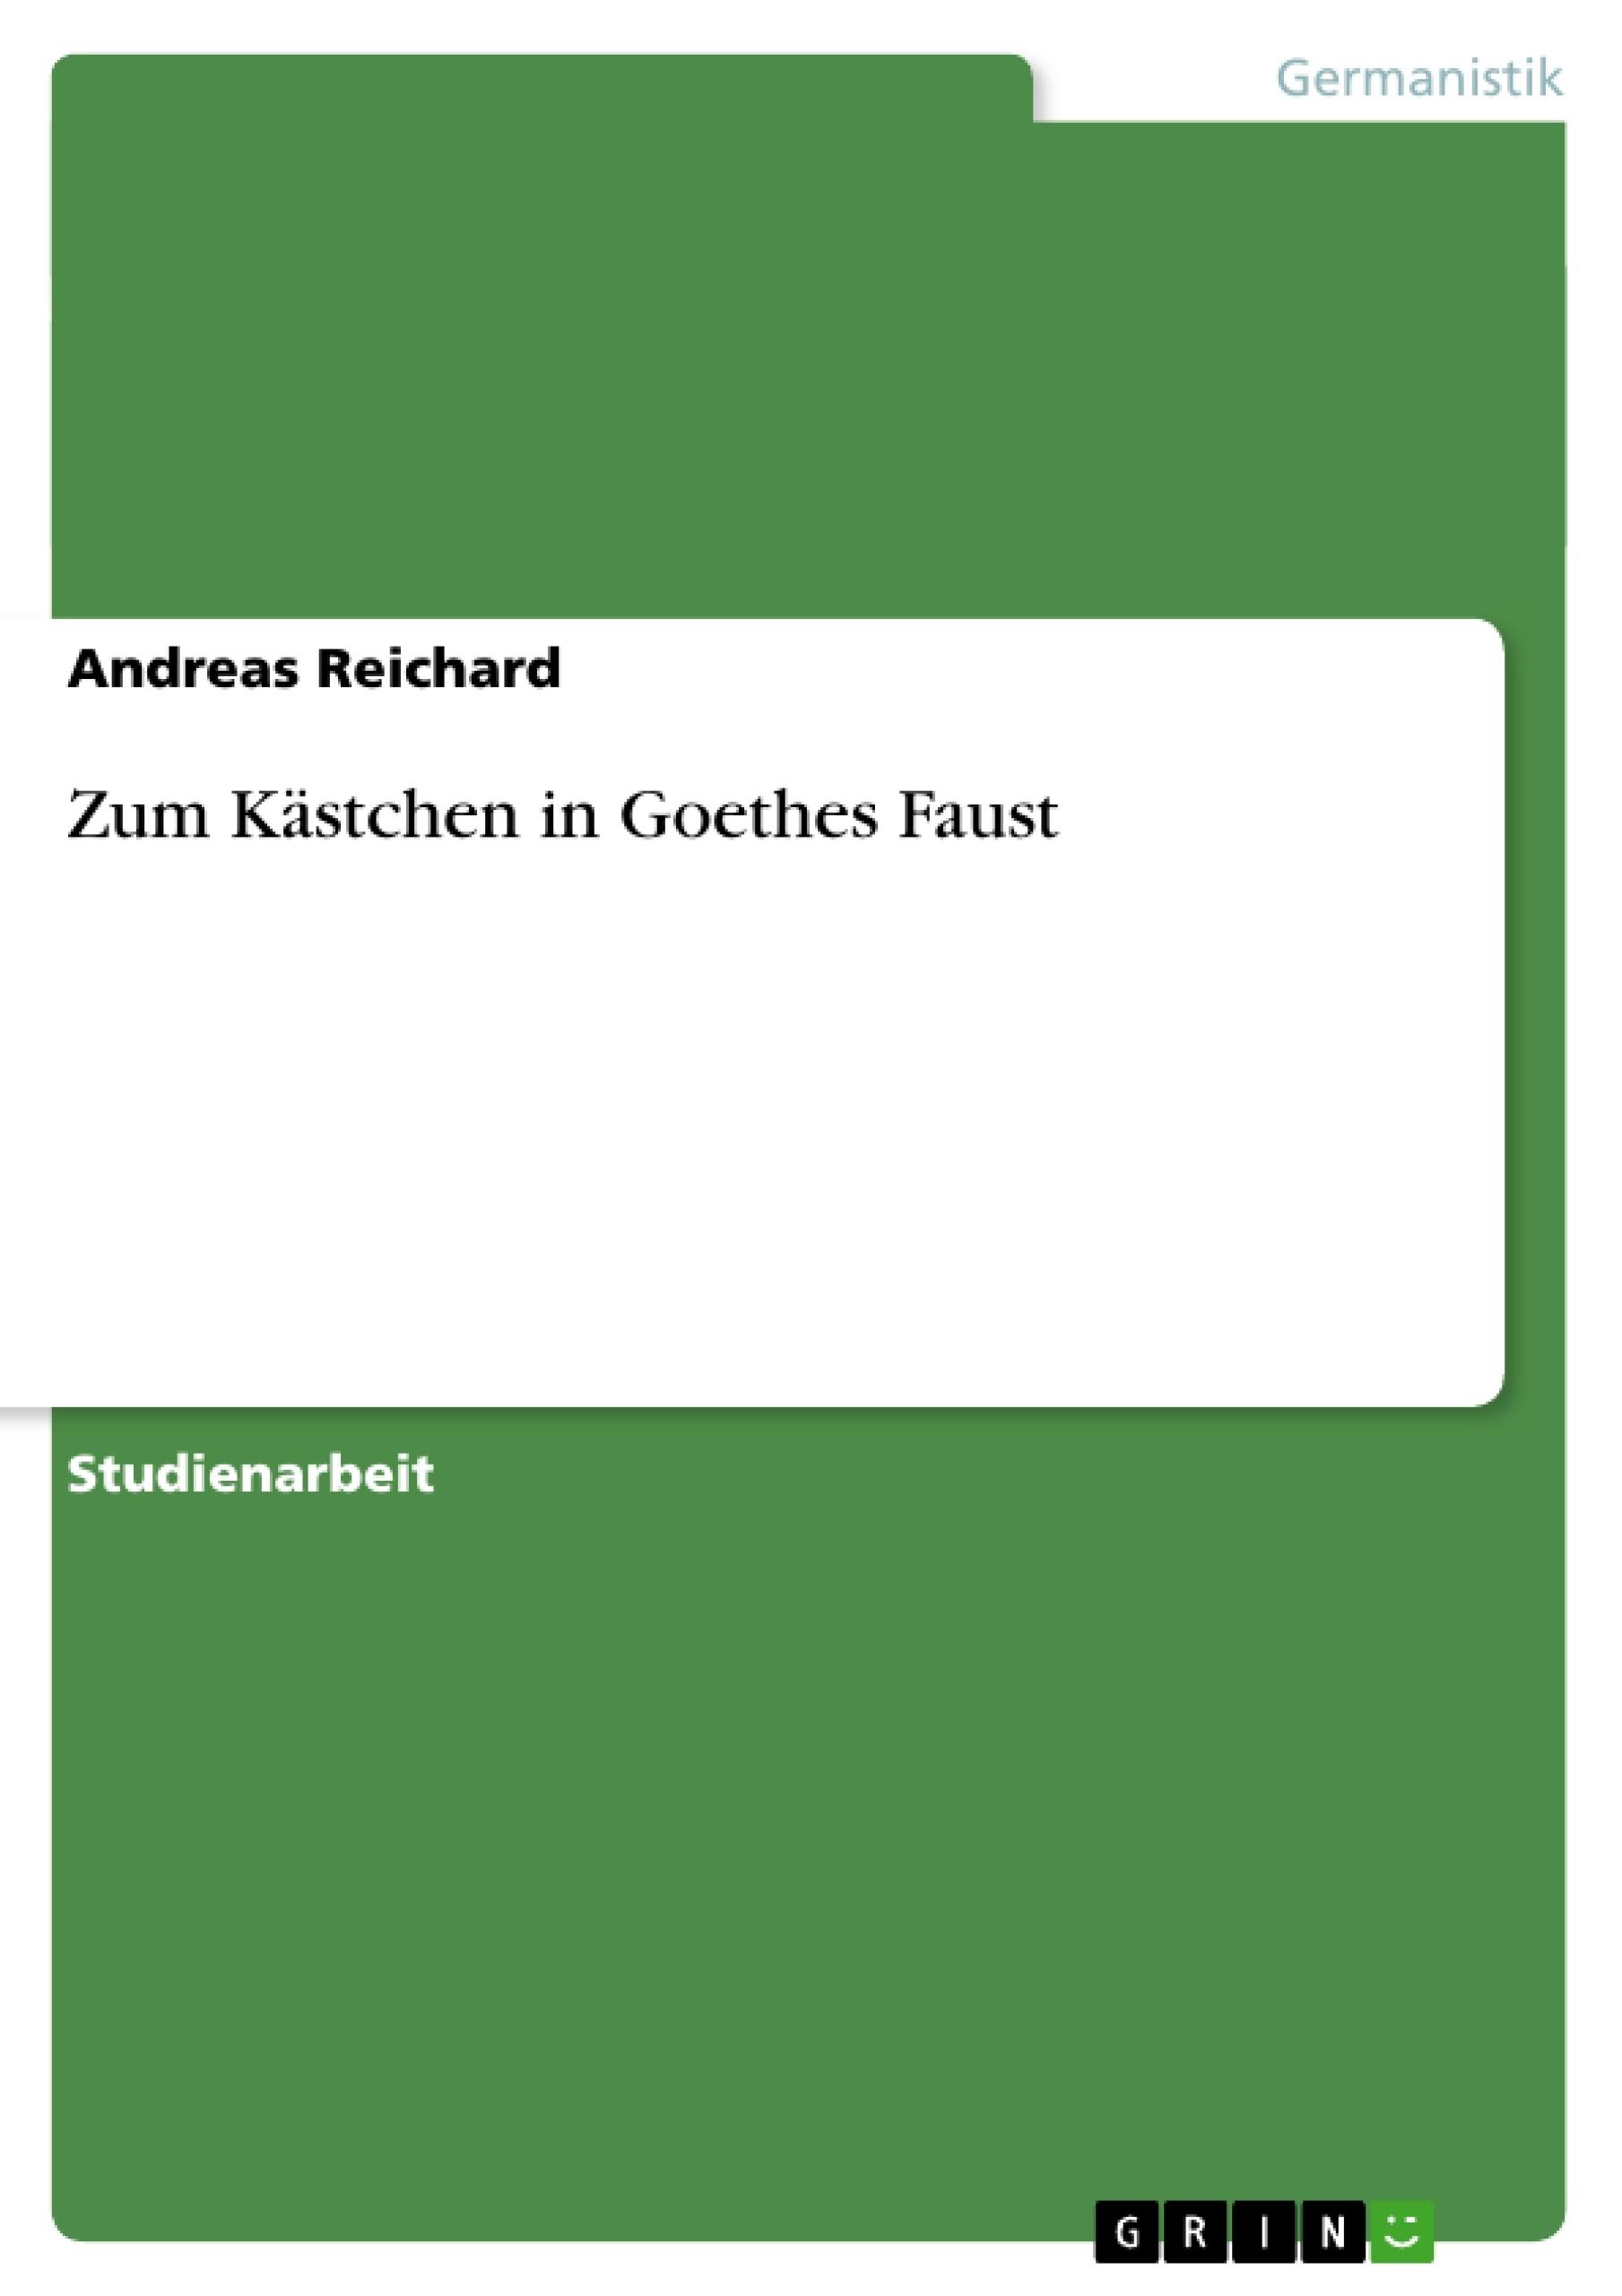 Titel: Zum Kästchen in Goethes Faust